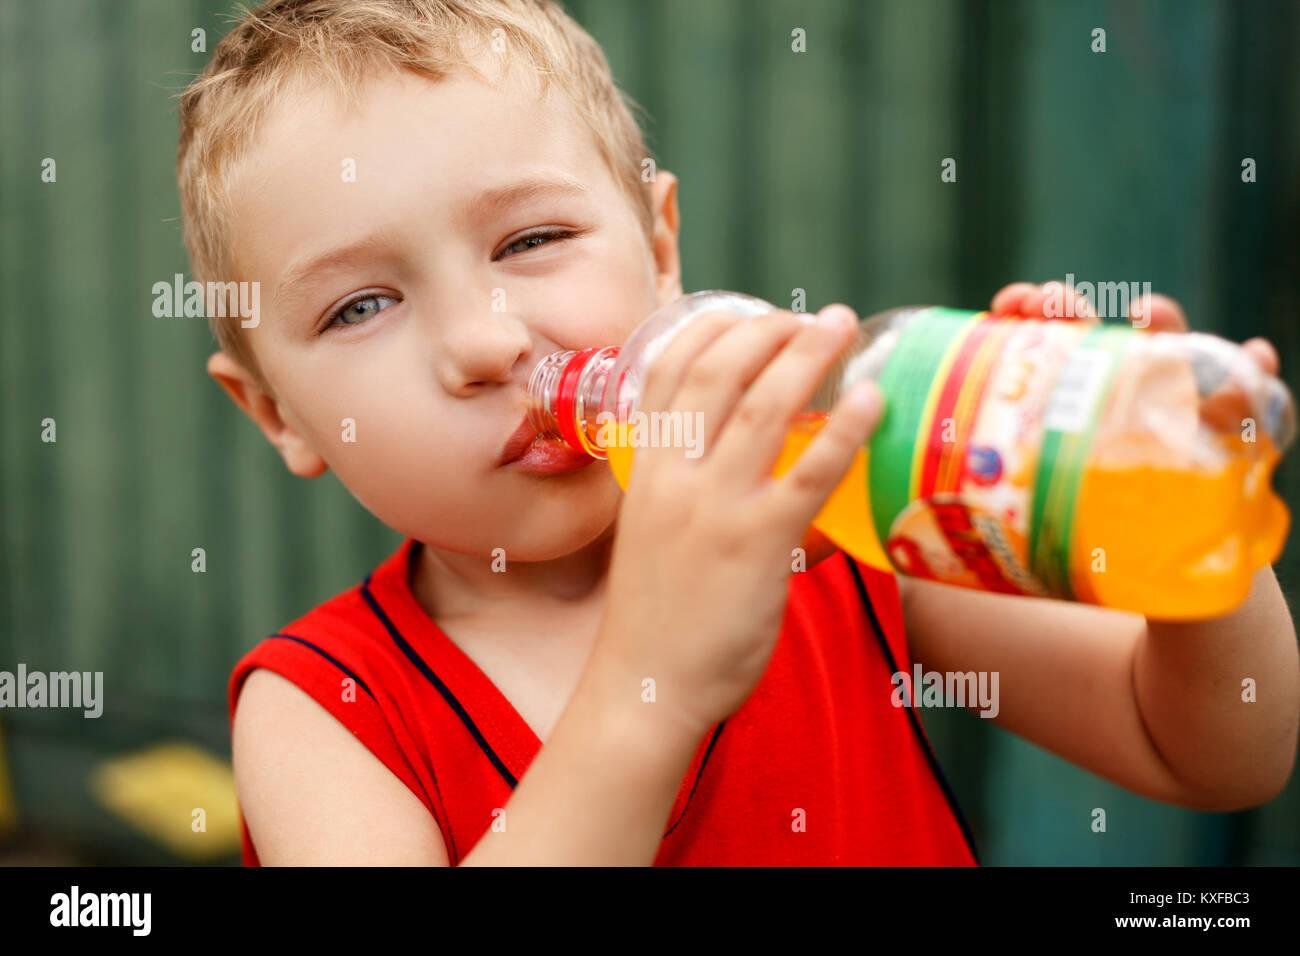 Child drinking unhealthy sweet bottled soda - Stock Image